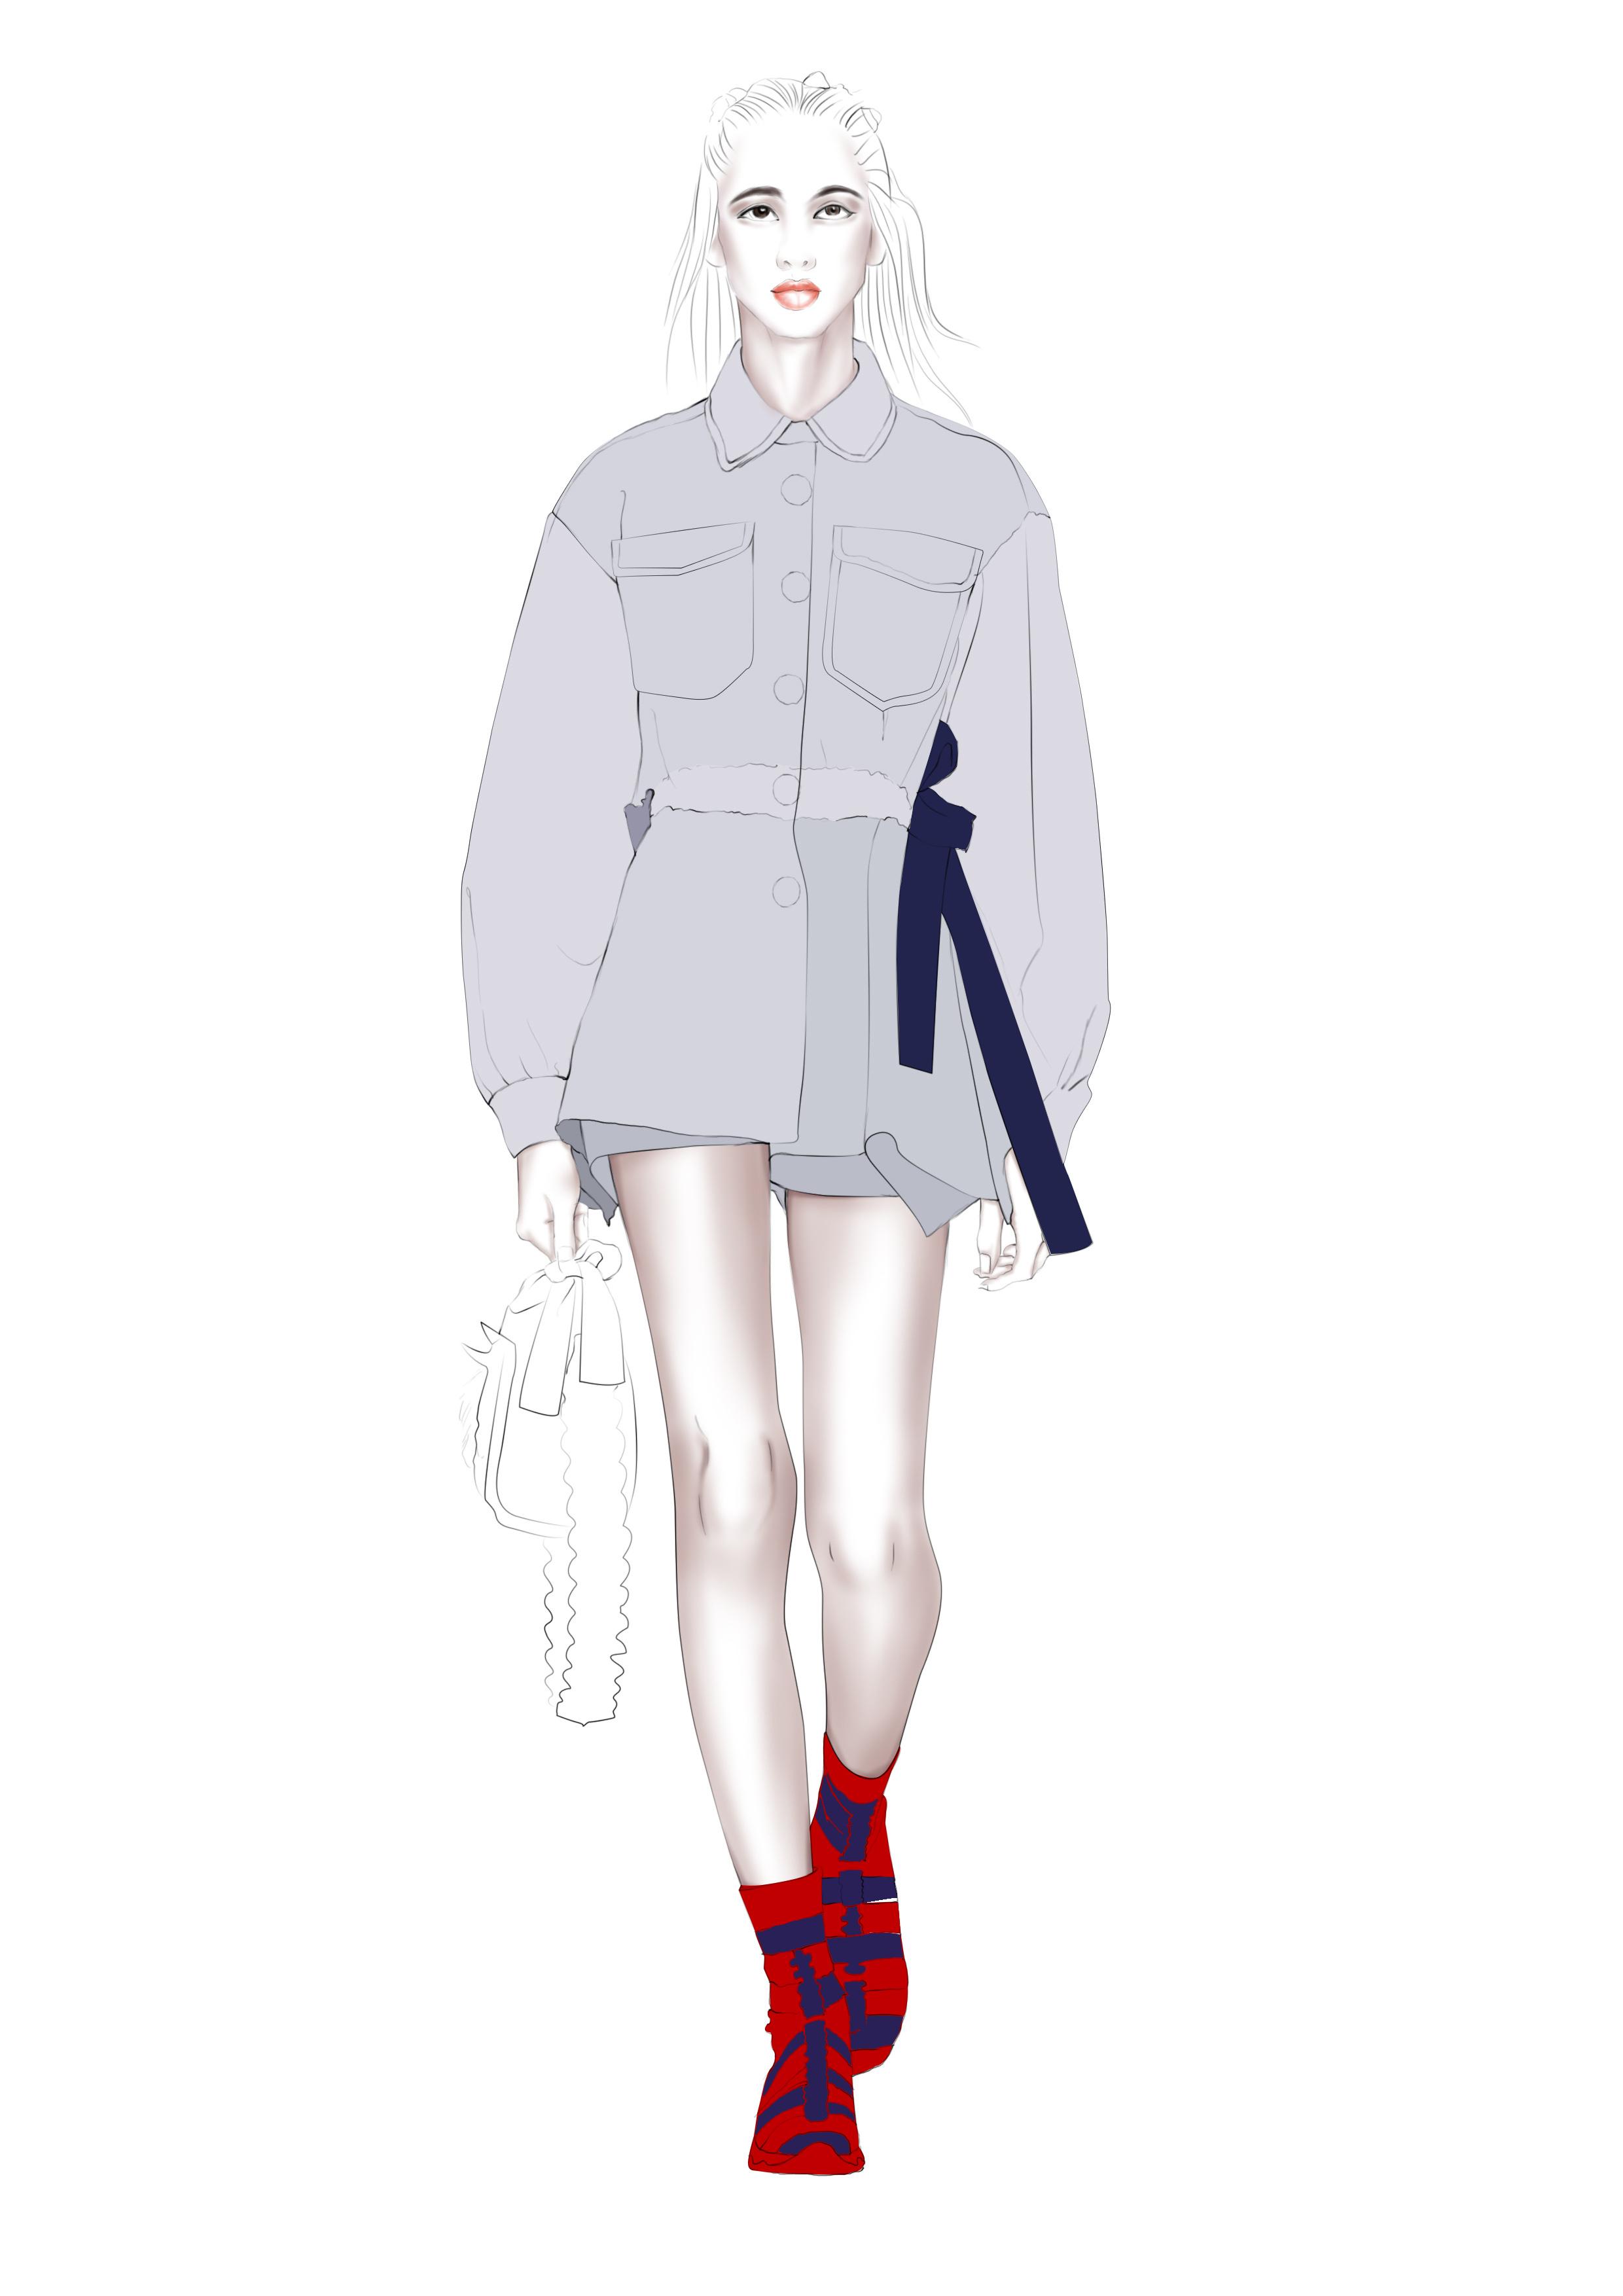 服装�:-+yl>[�~K�>K�_时尚电绘//服装设计效果图绘制步骤分享